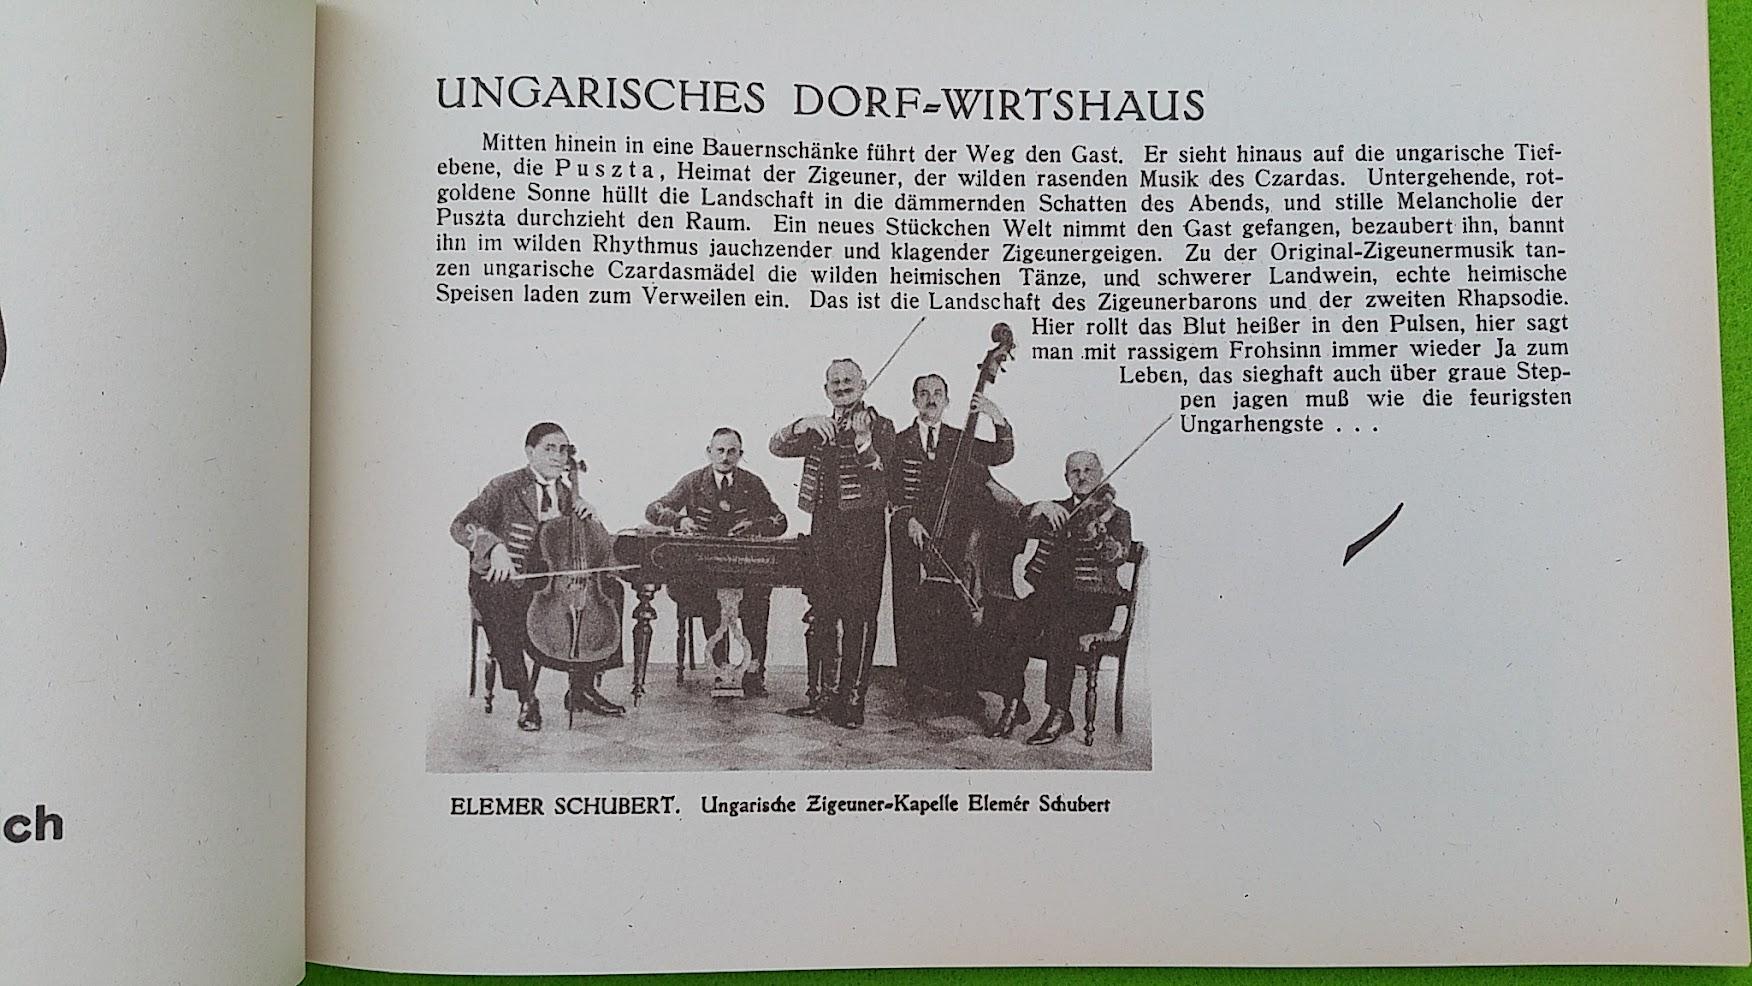 Begleitheft zur Eröffnung von Haus Vaterland am Potsdamer Platz, Berlin, 31. August 1928 - Csarda